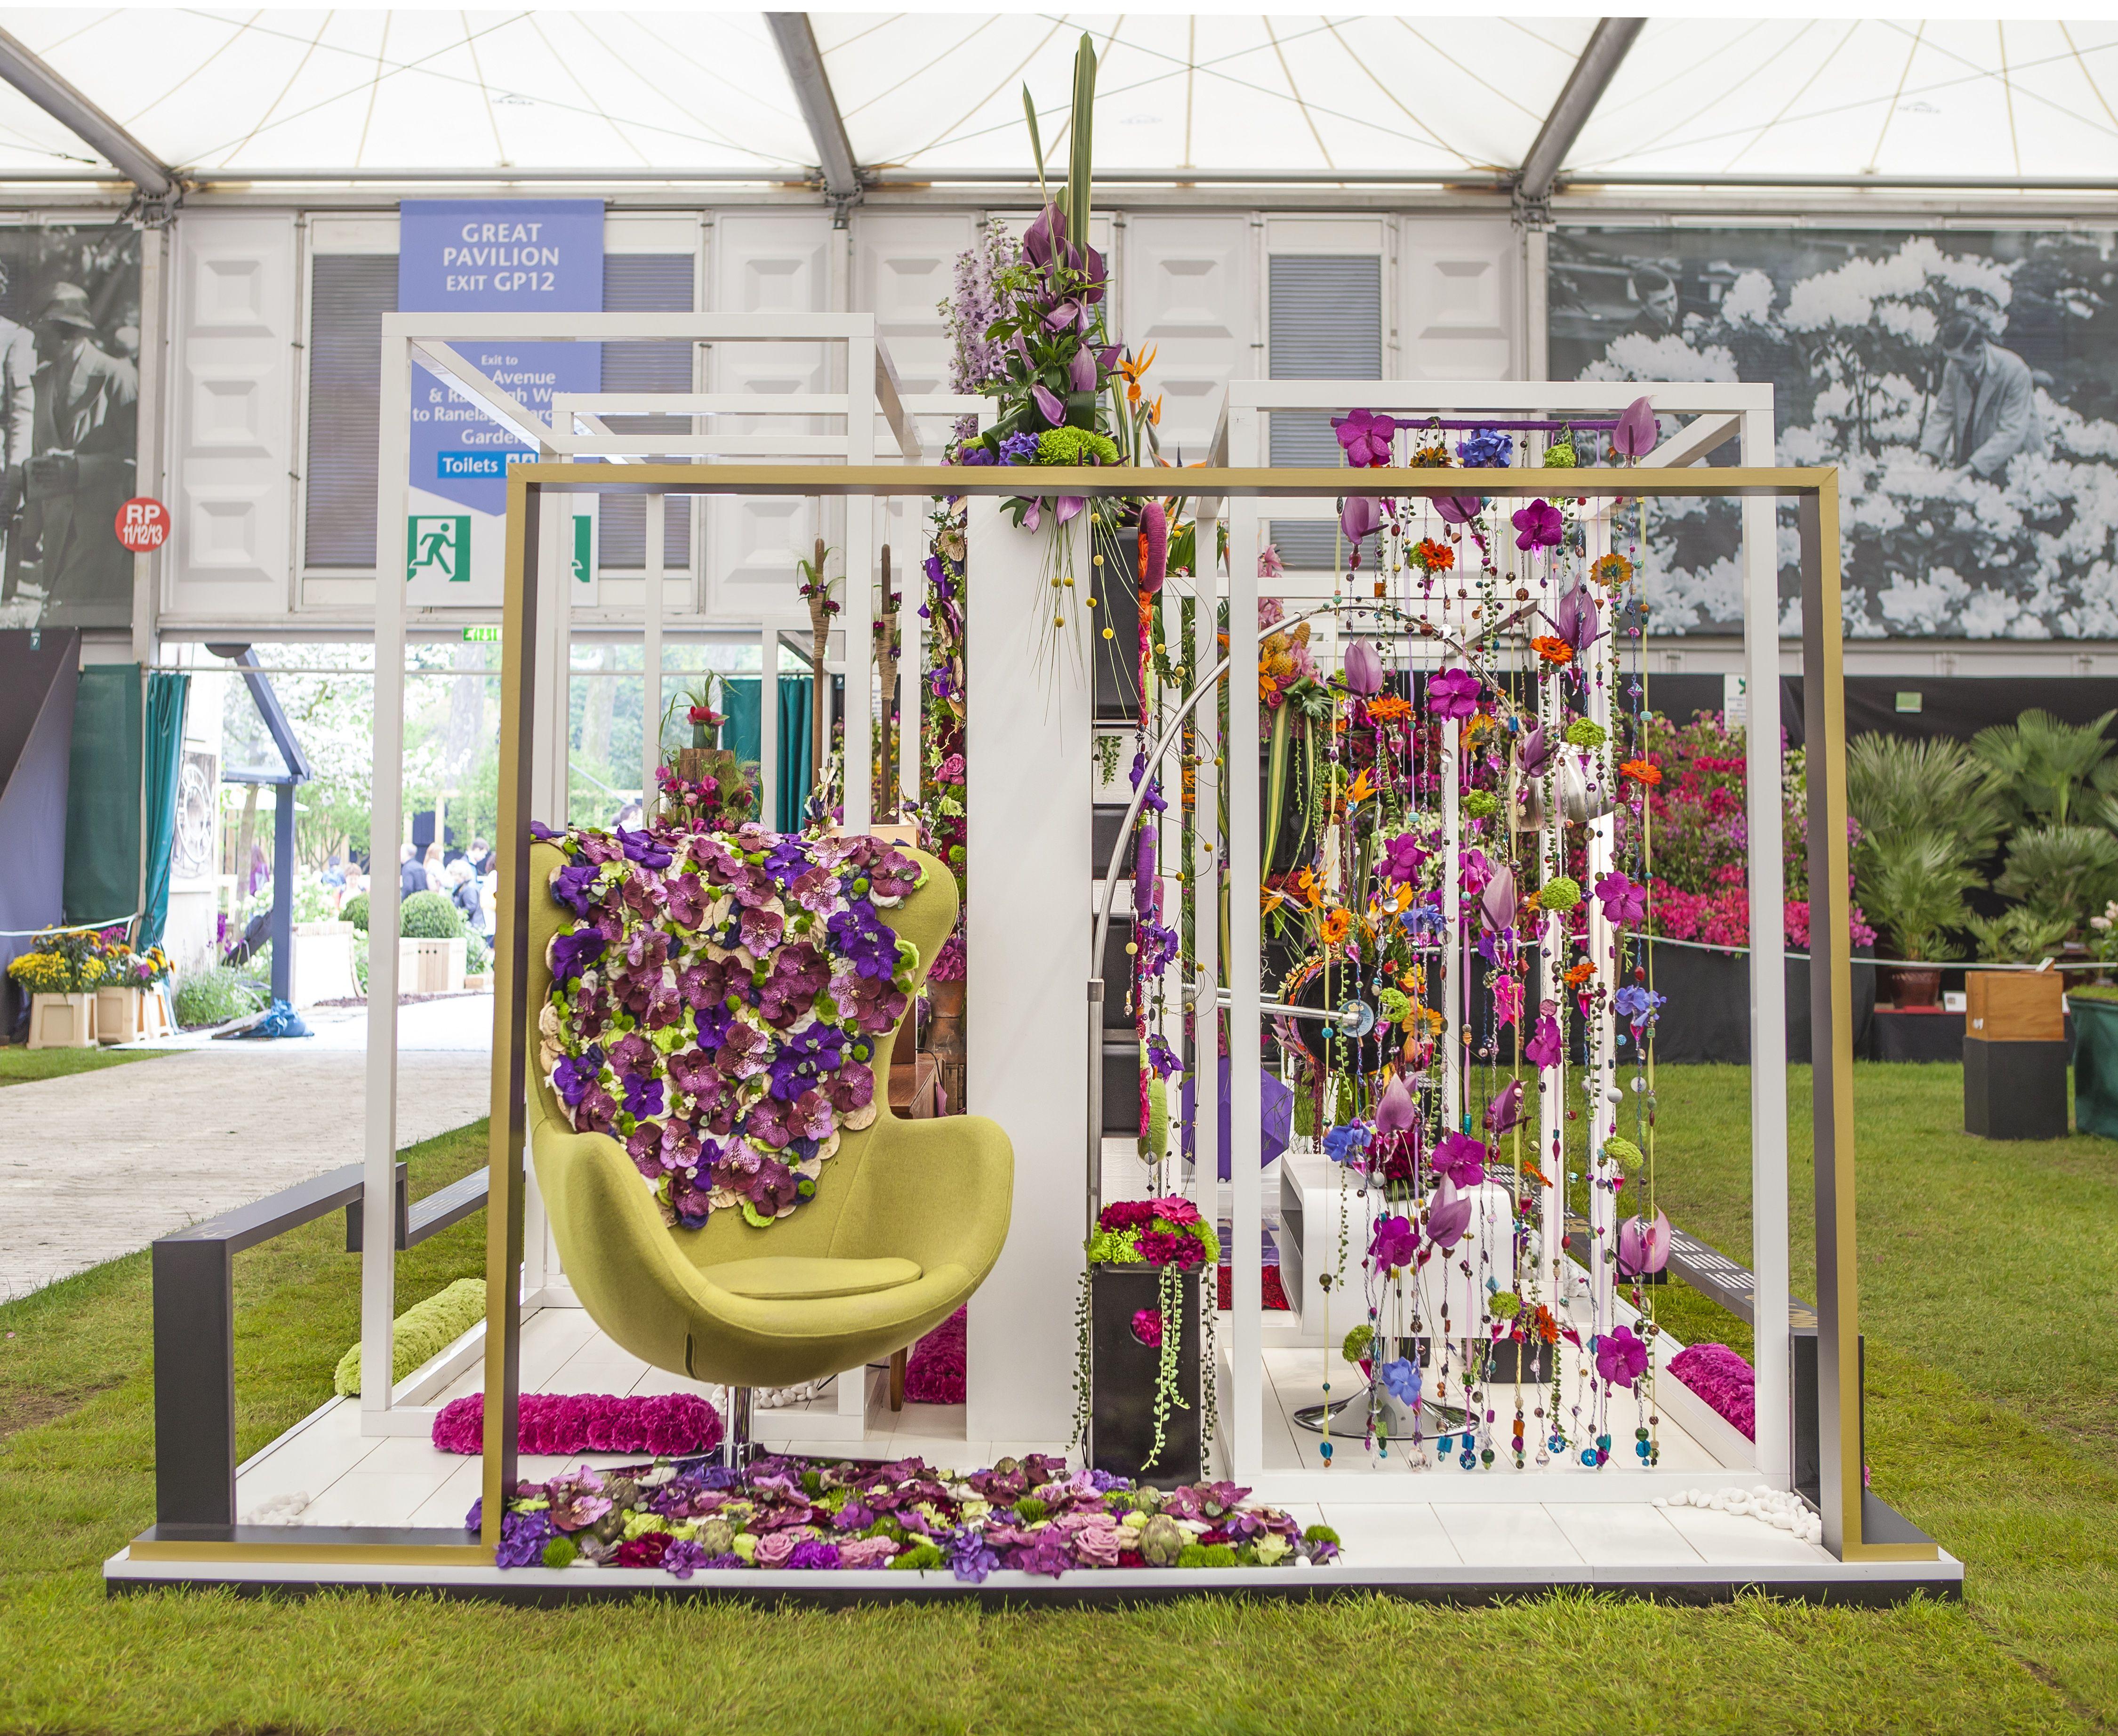 Interflora Exhibition Design At Rhs Chelsea Flower Show 2013 Exhibition Booth Design Trade Show Design Exhibition Design